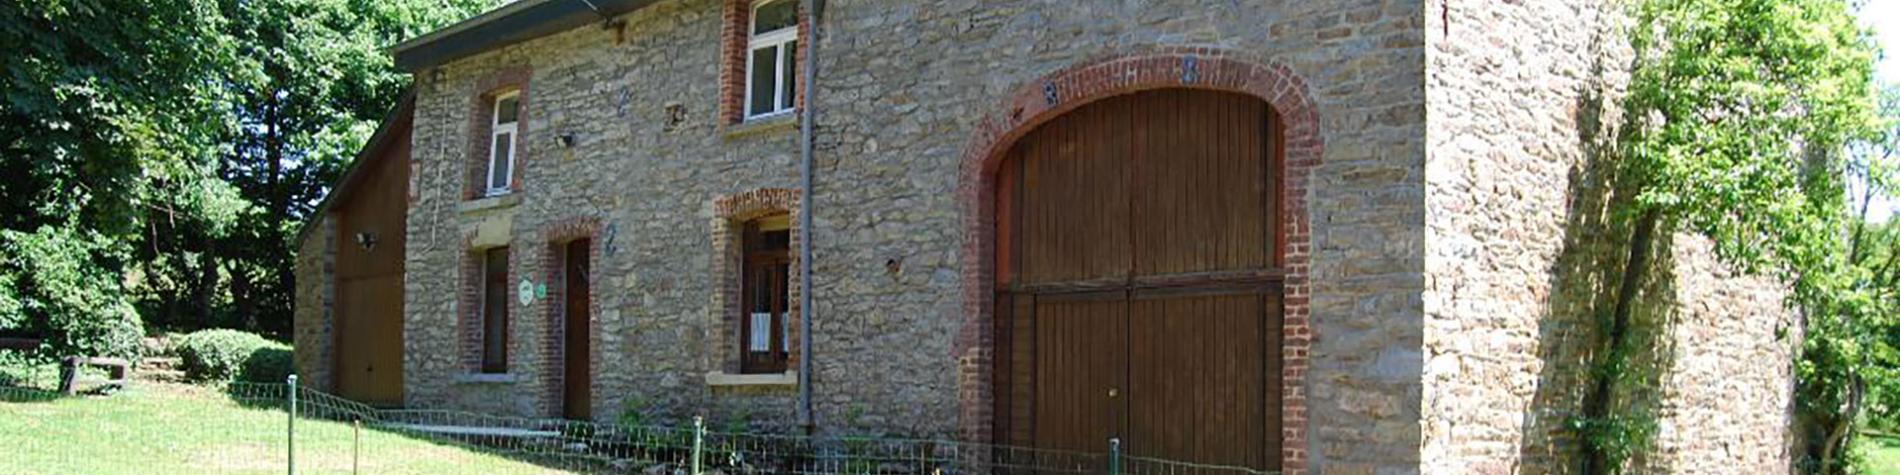 Gîte rural - La Fermette de Bérisménil - La Roche-en-Ardenne - pierre du pays - 9 personnes